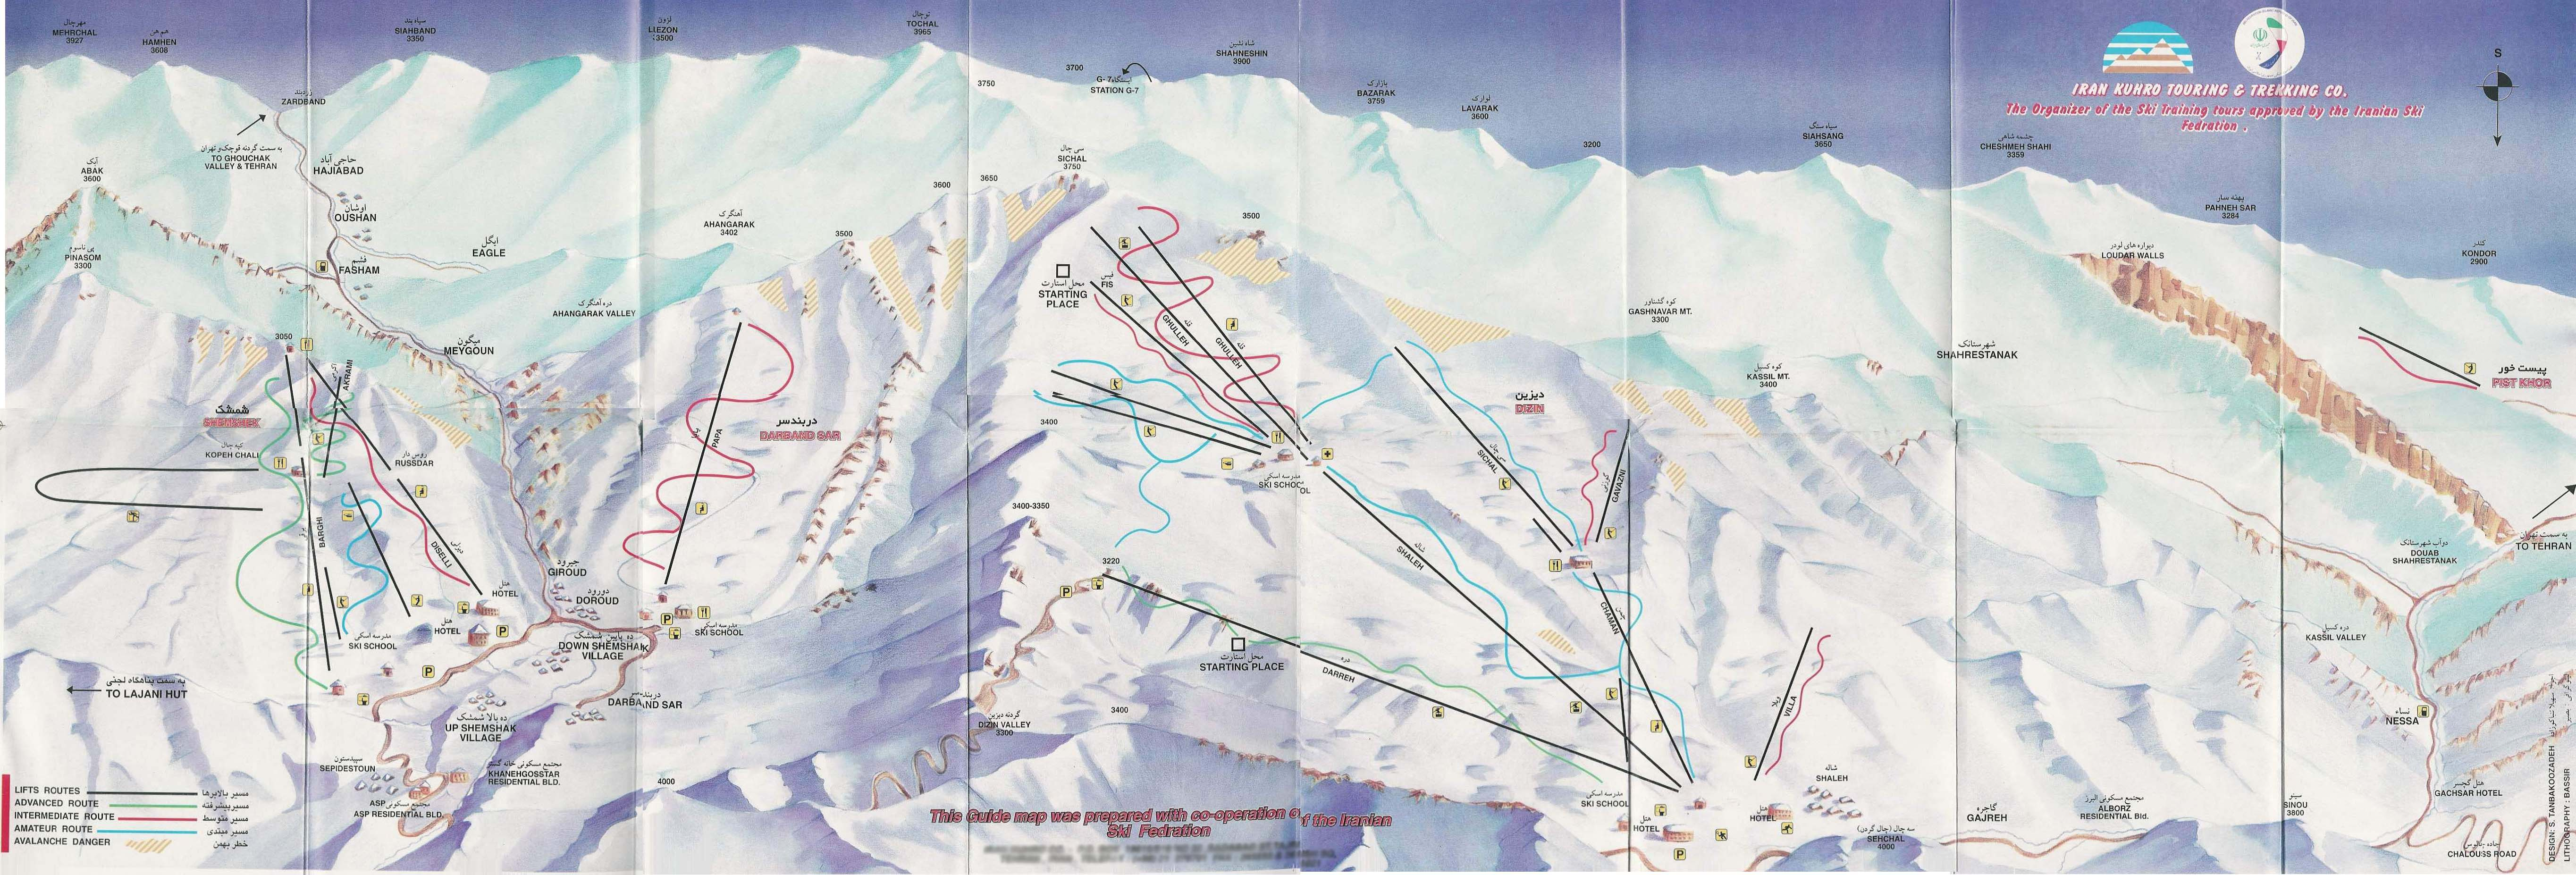 рекомендуем стирать хвалынский горнолыжный курорт на карте это синтетика, то